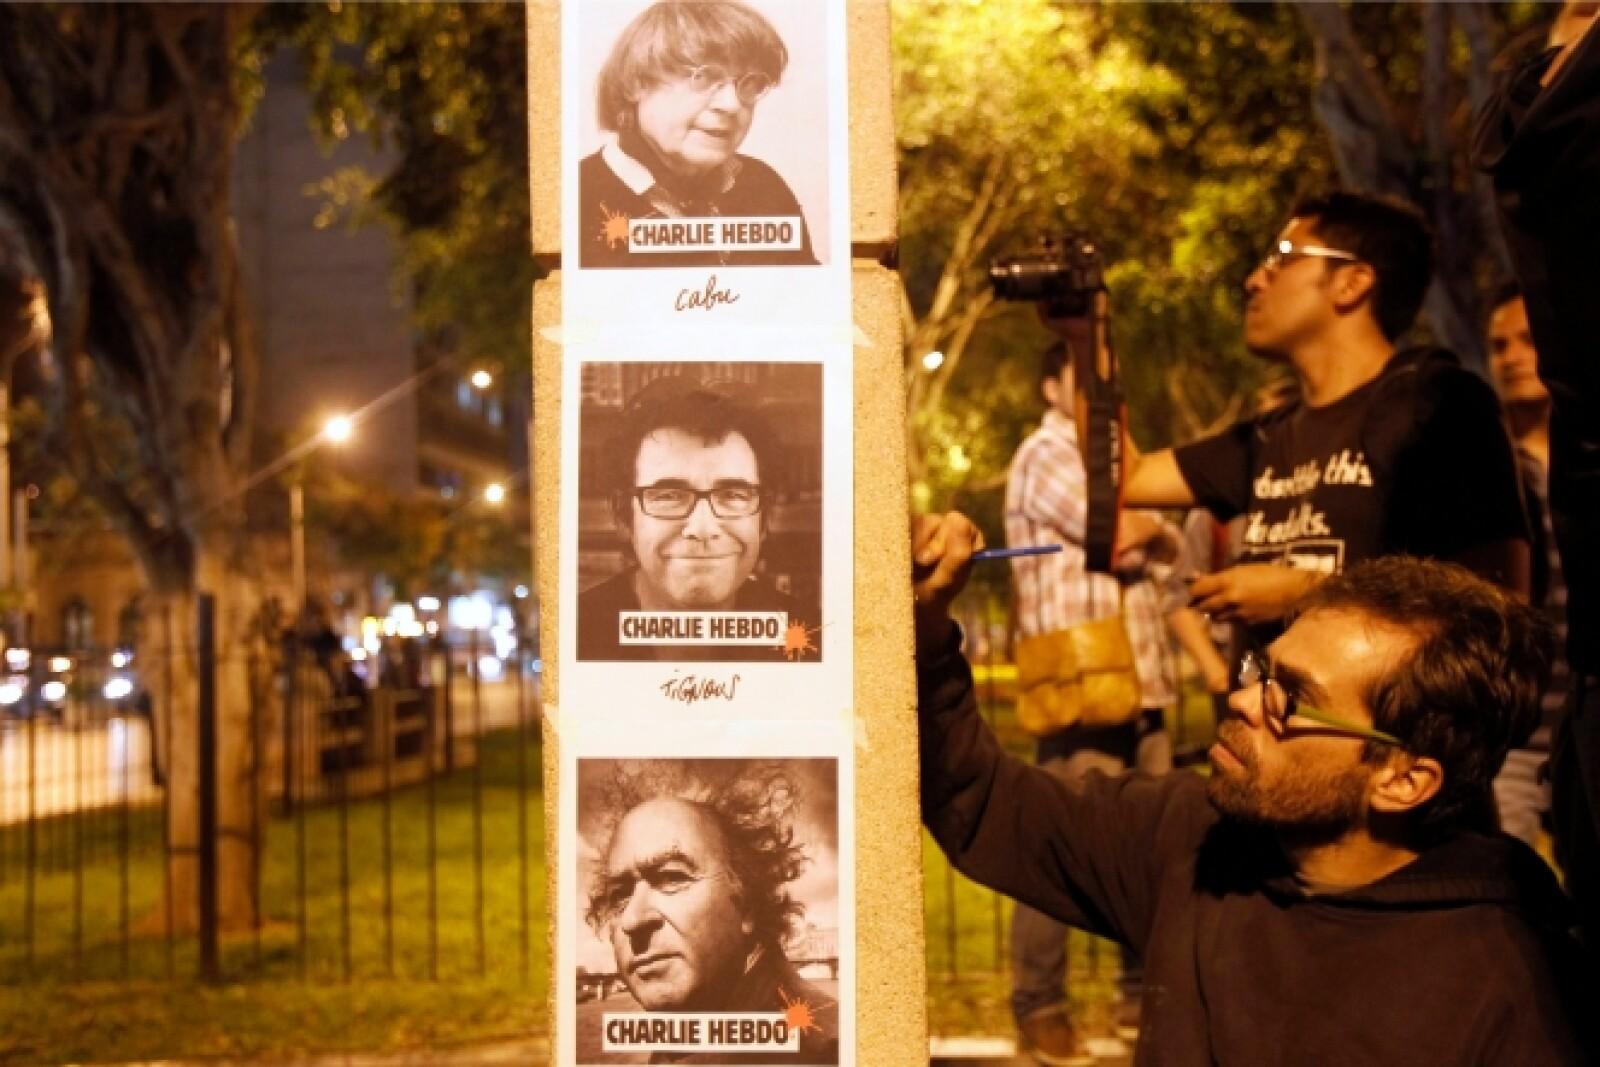 Colocaron en las paredes imágenes de Charlie Hebdo, creador de la revista.